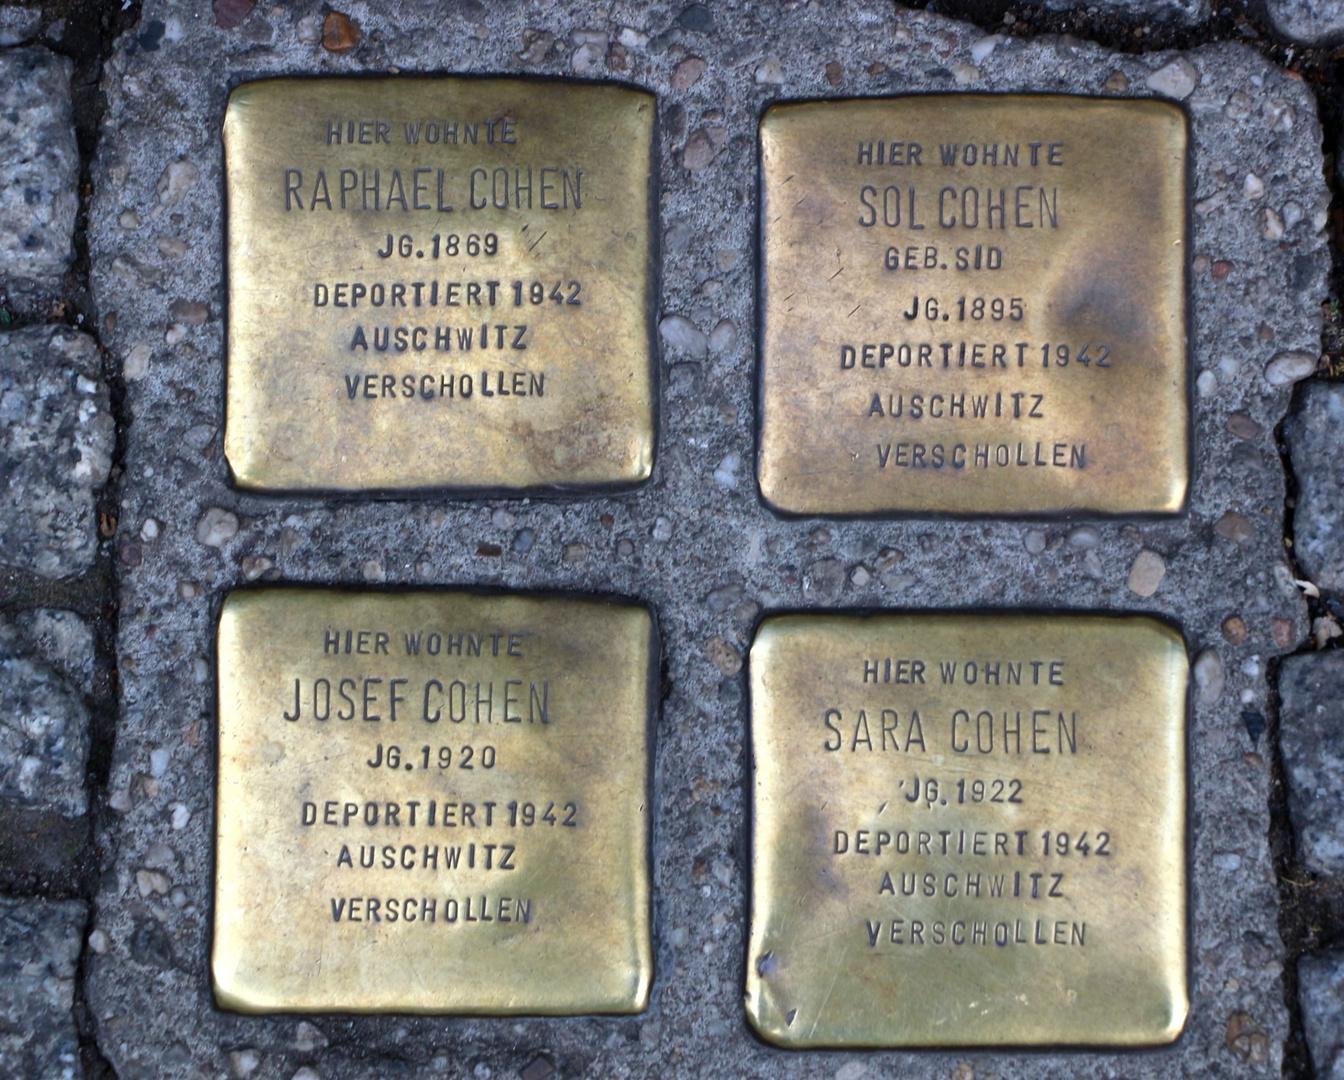 Triste ricordo delle deportazioni naziste....